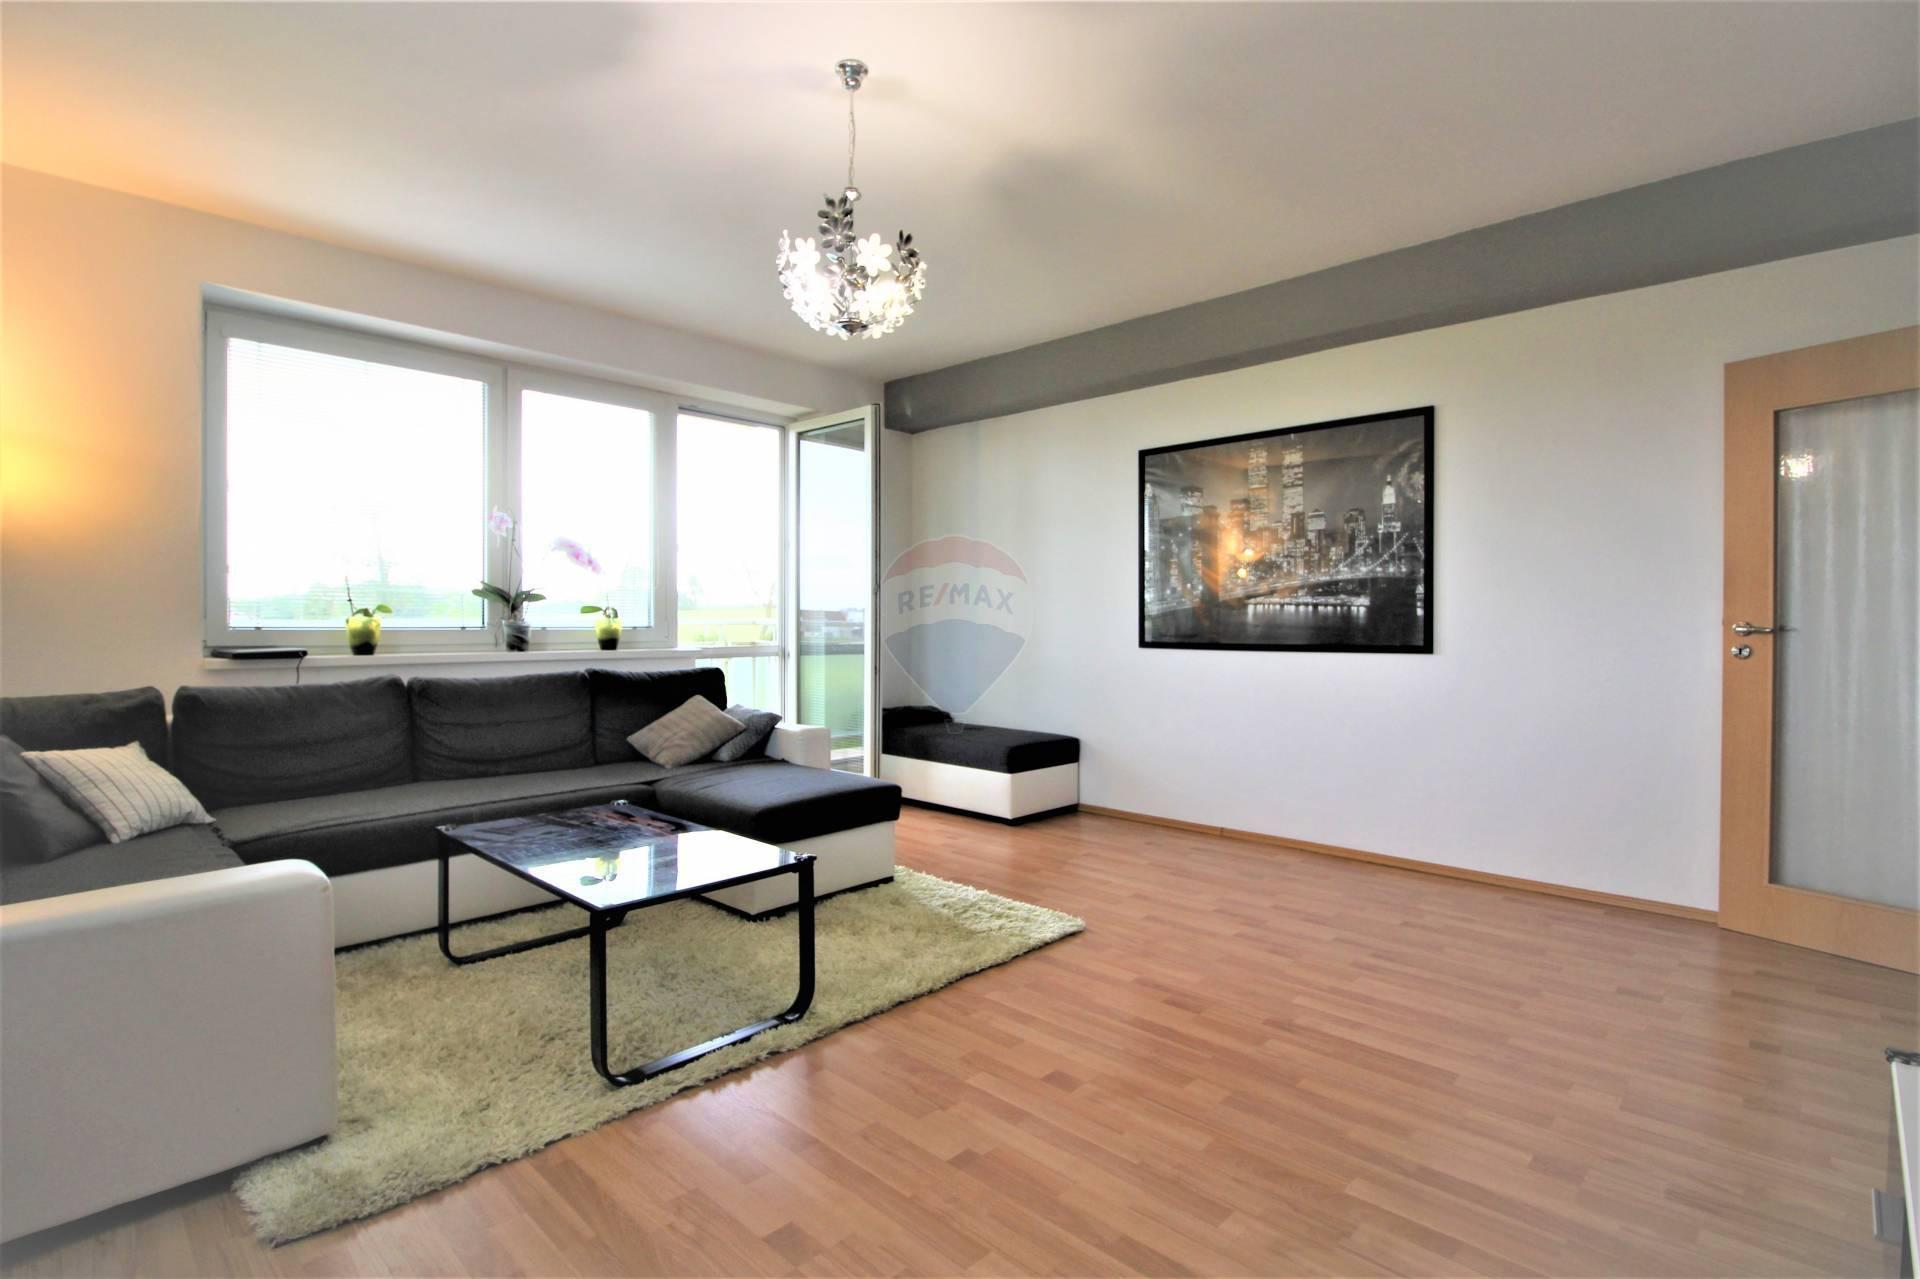 =RE/MAX= Na predaj krásny, priestranný 3 izbový byt, 90 m2